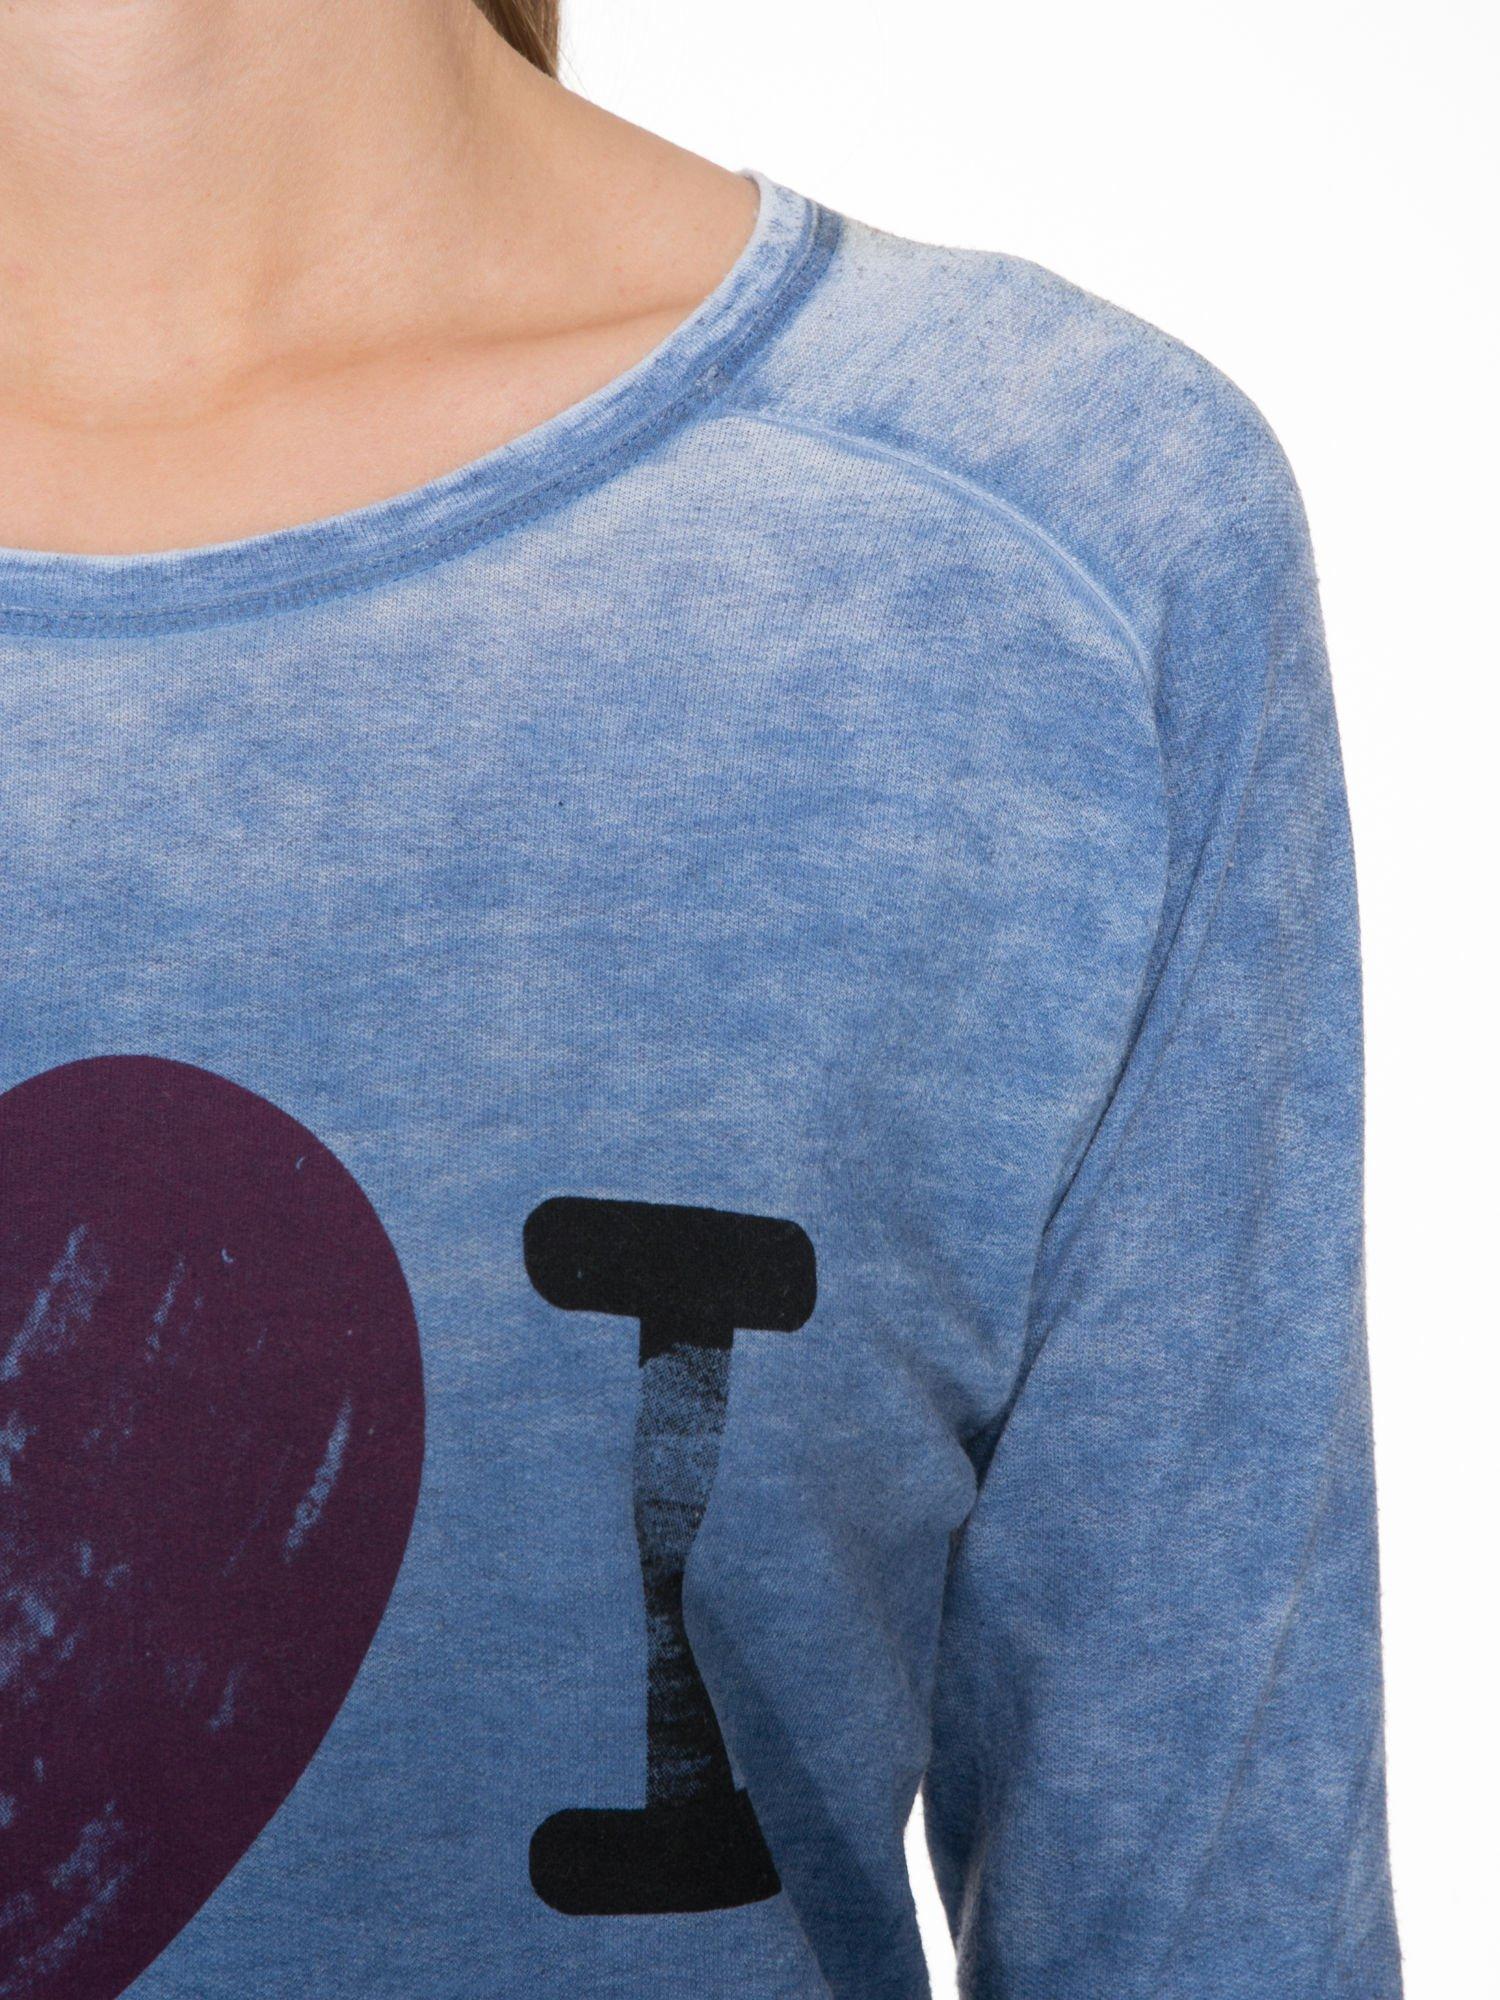 Niebieska bluzka z nadrukiem I LOVE BSL i efektem sprania                                  zdj.                                  5